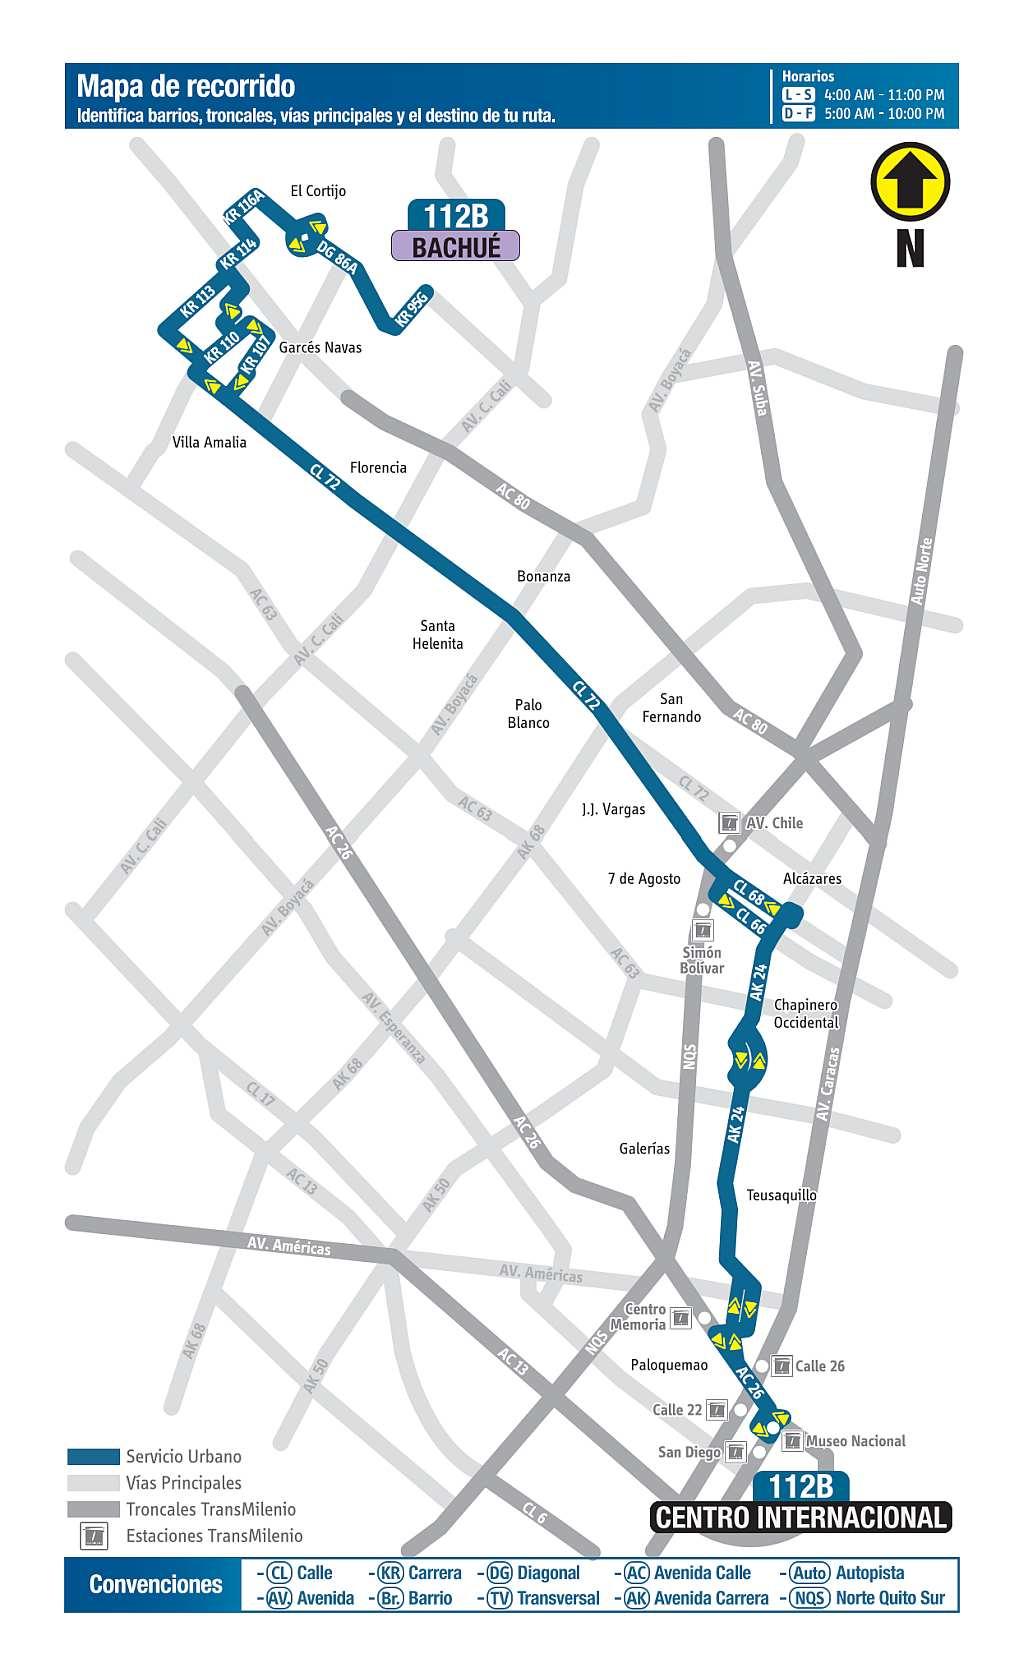 112B Bachué - Centro Internacional, ruta bus urbano Bogotá